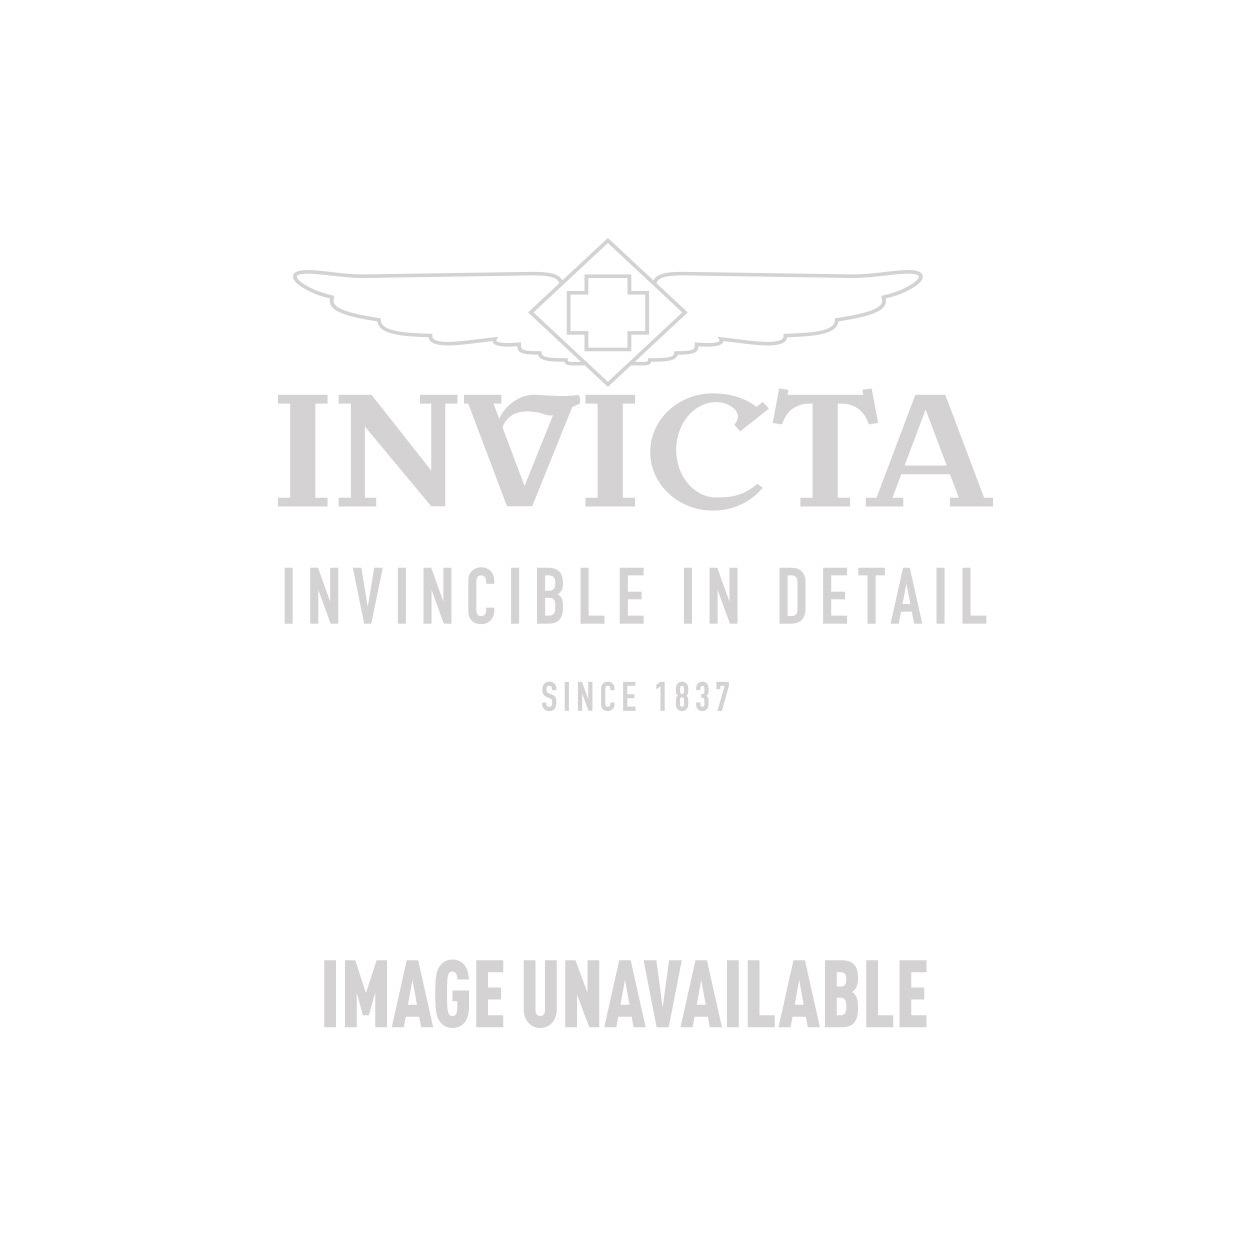 Invicta Model 27716